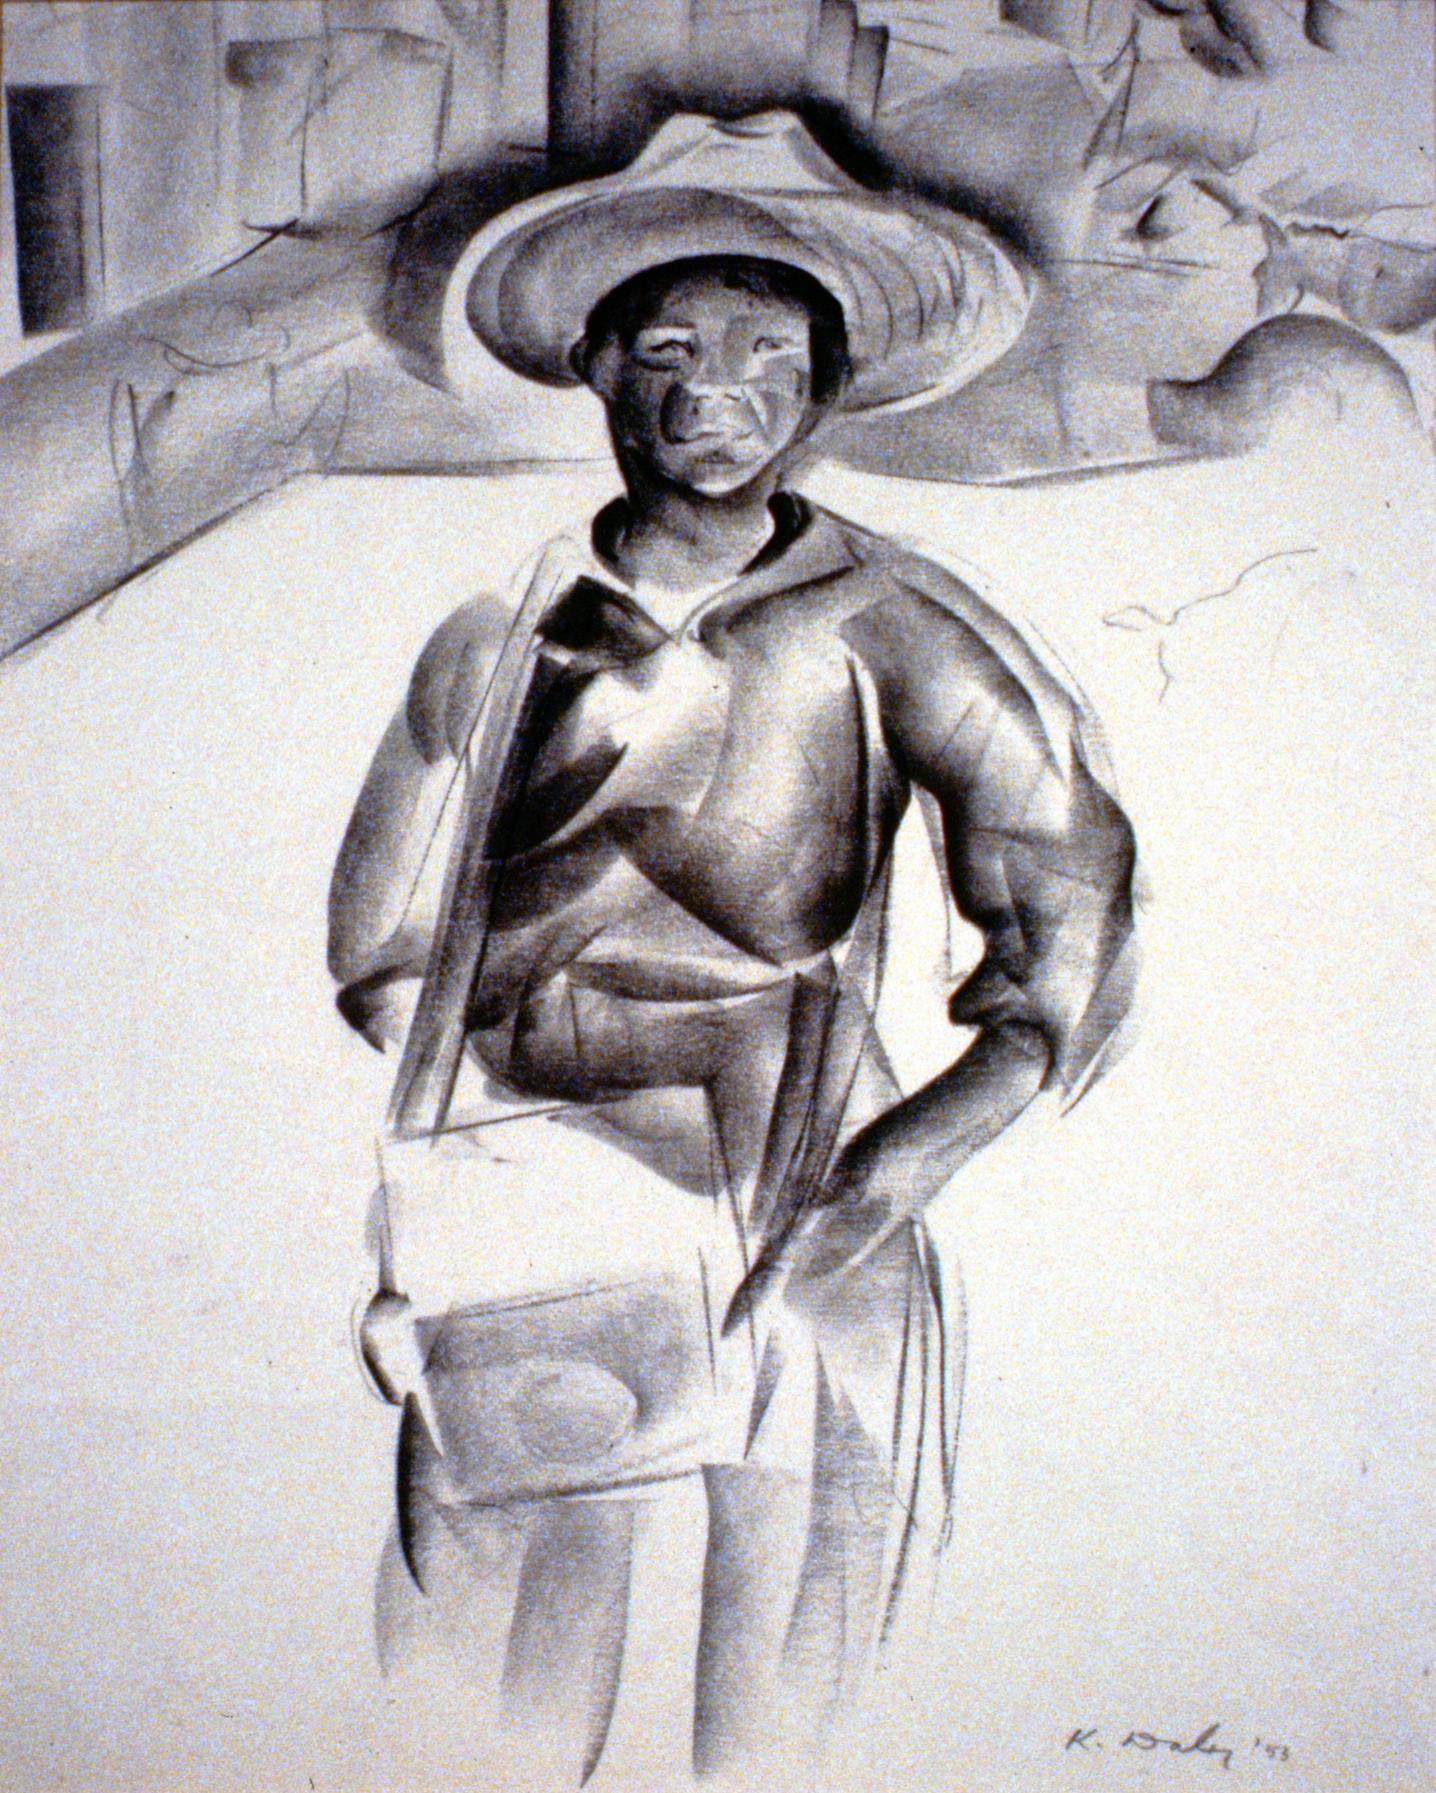 Young Street Vendor, Mexico, 1953